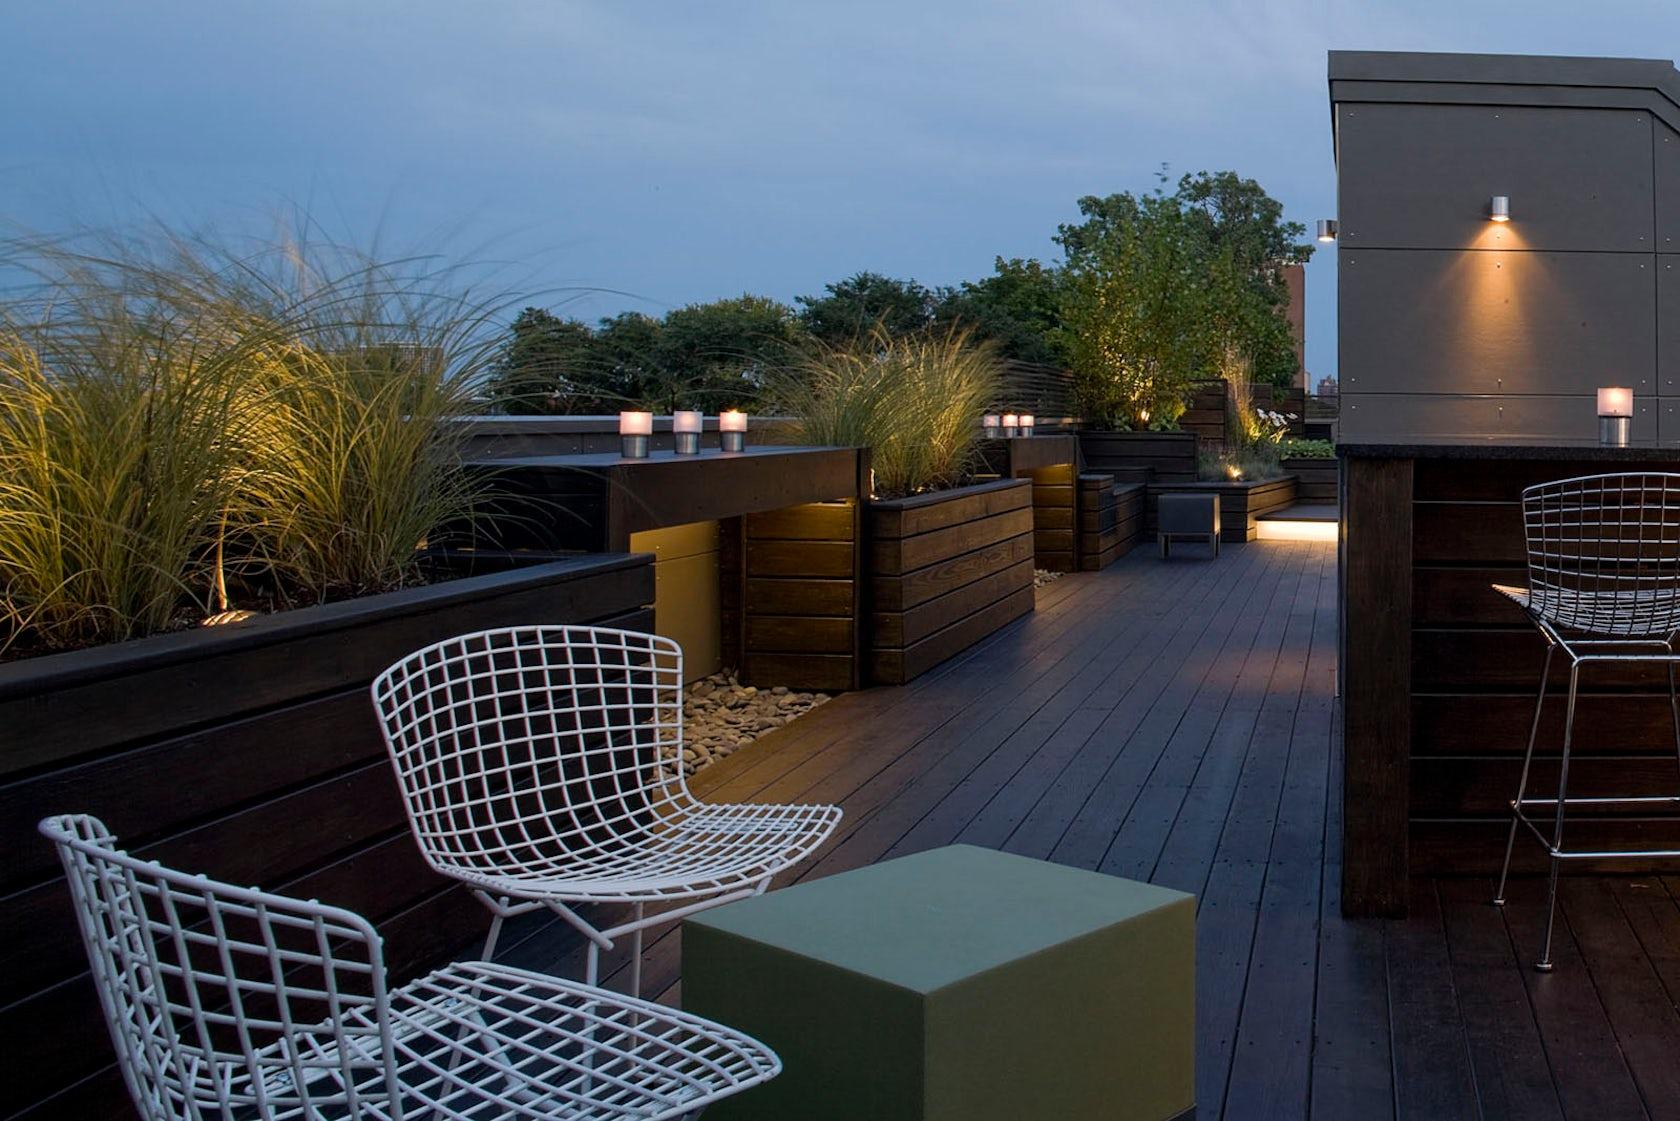 Chicago sculptural rooftop garden architizer - Winner kitchen design software free download ...